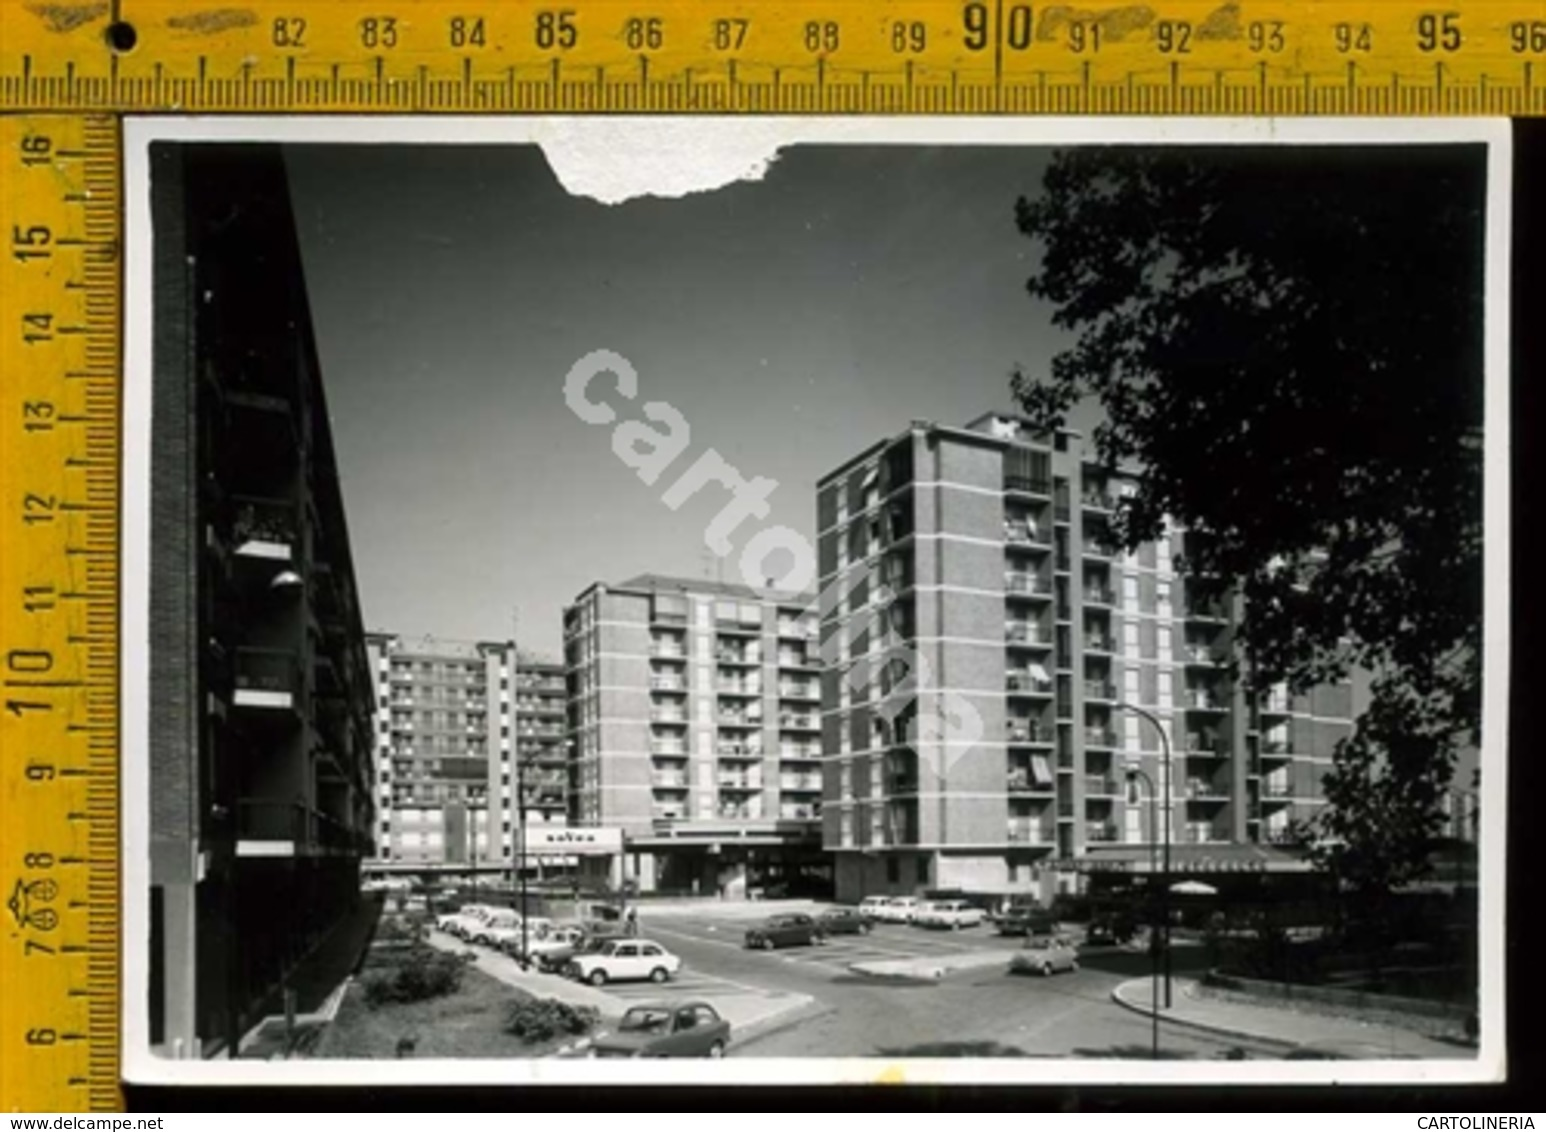 Milano Barona fine anni '60. Quartiere Torretta, Via Renzo e Lucia. Fonte delcampe.net